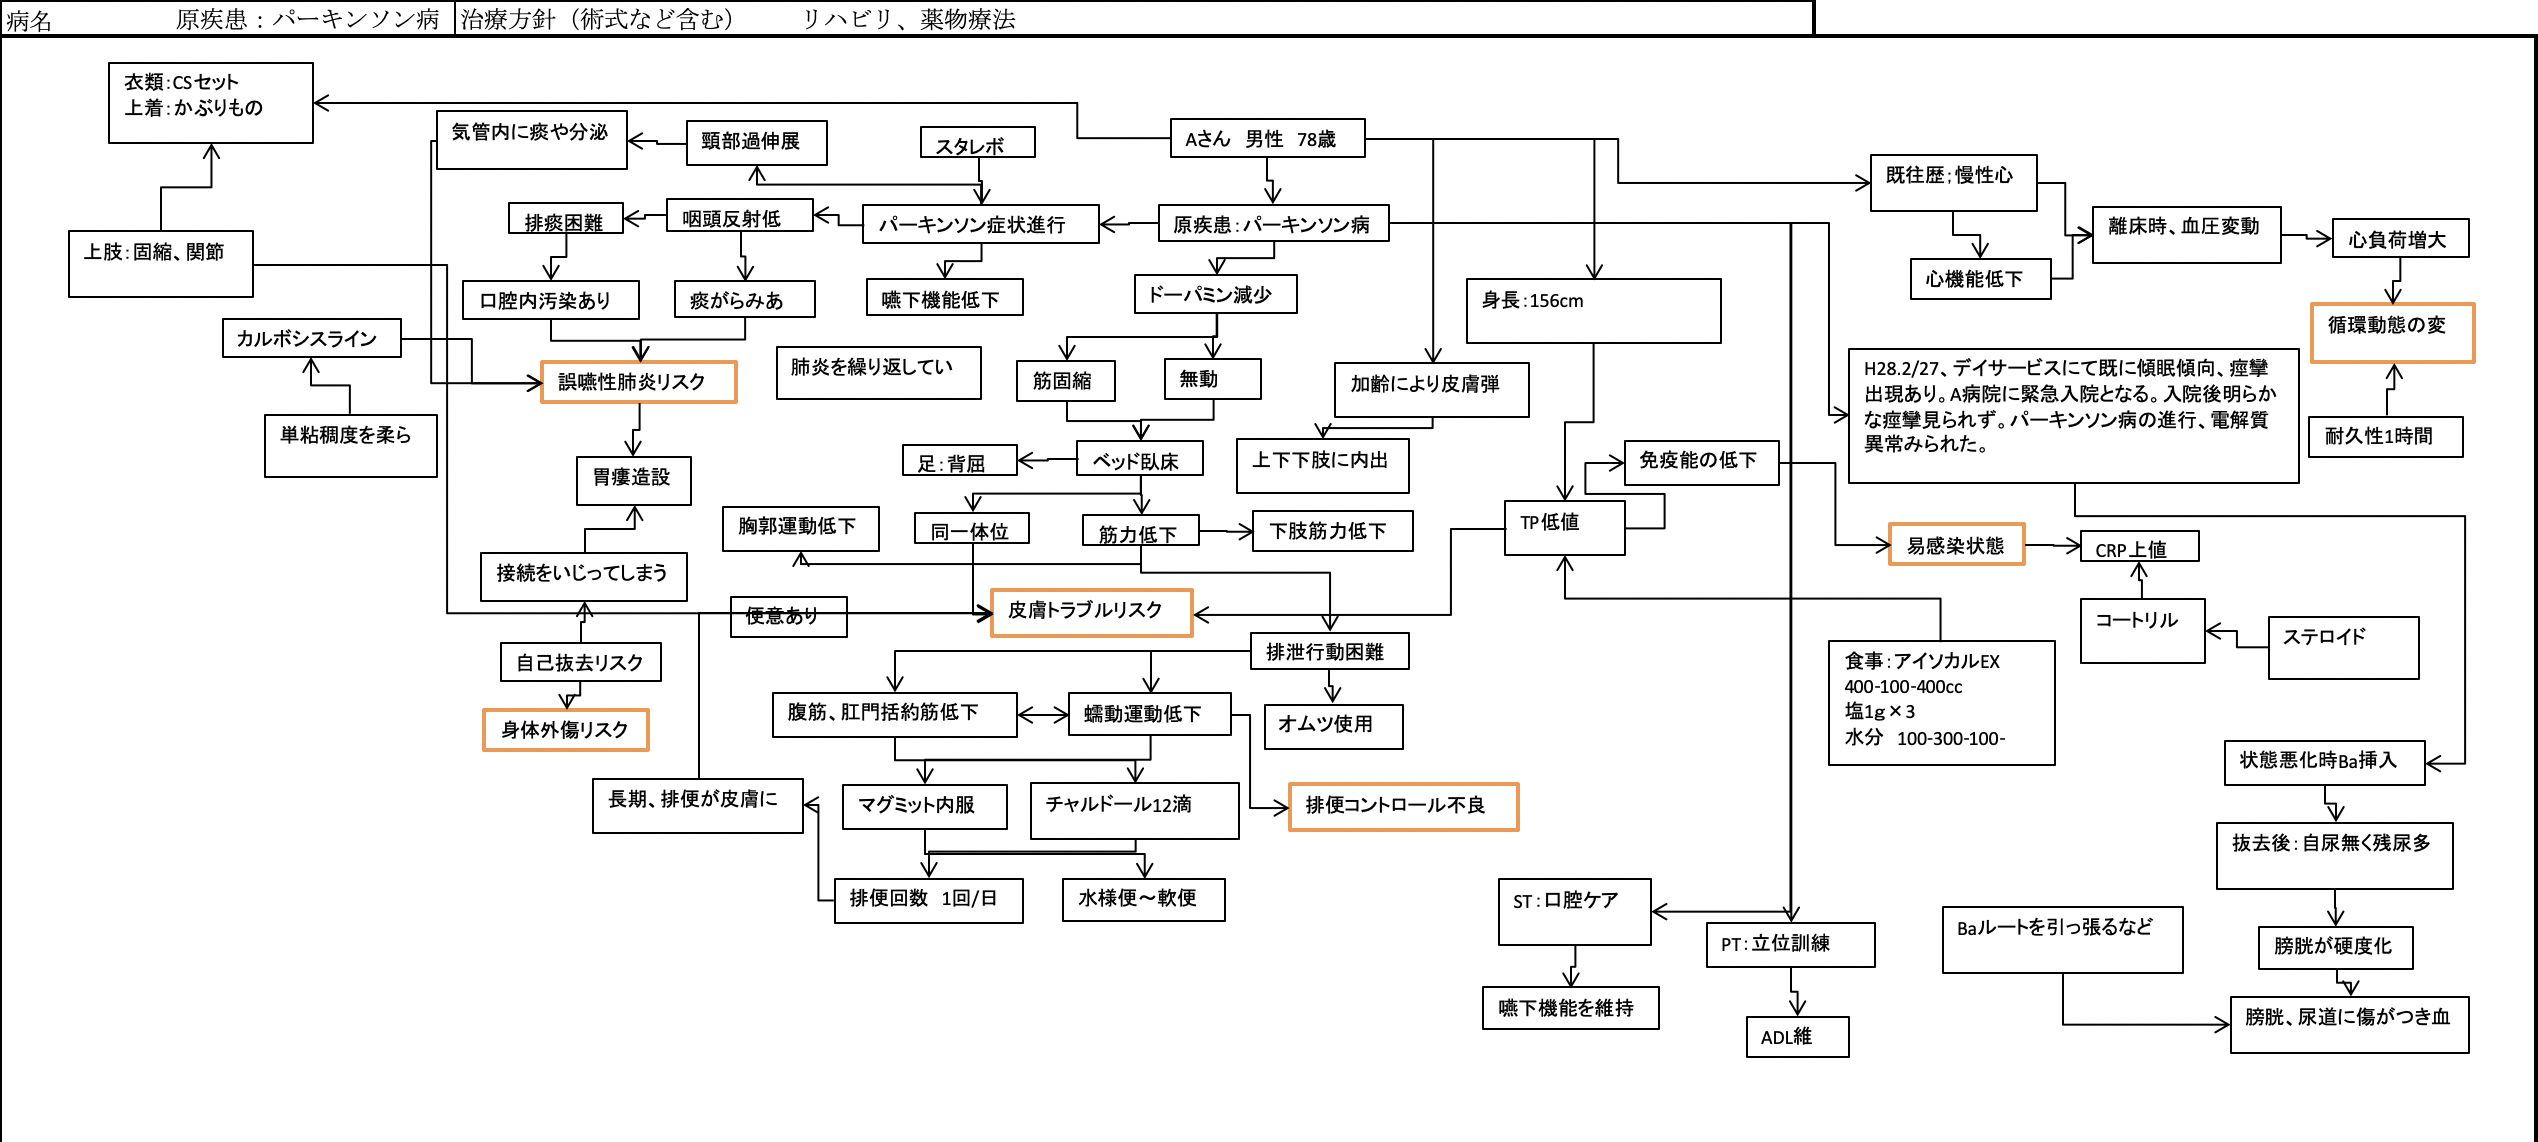 パーキンソン病 関連図